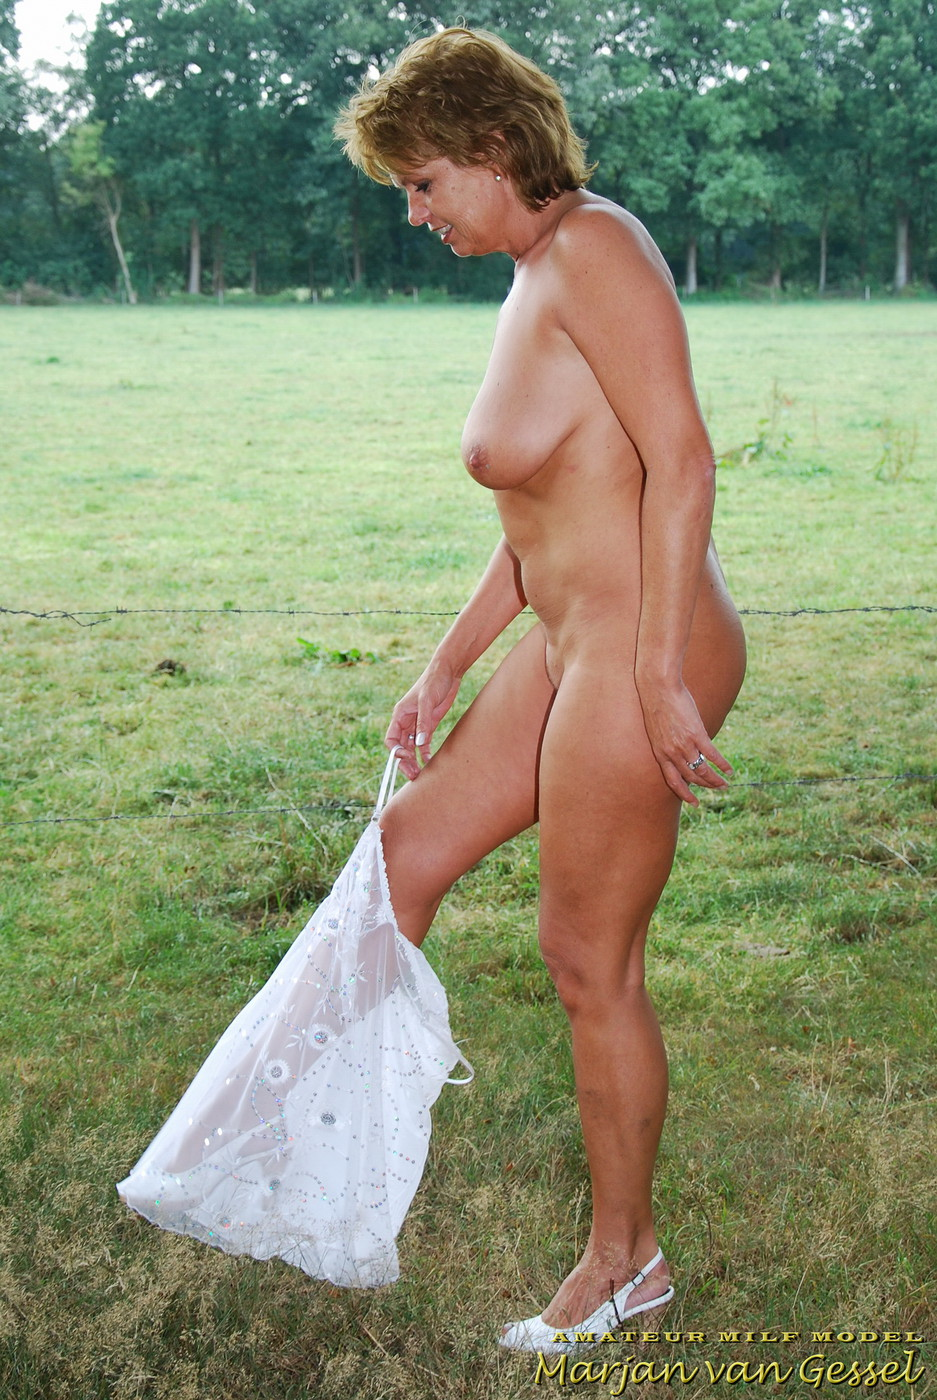 Marjan van Gessel 01694